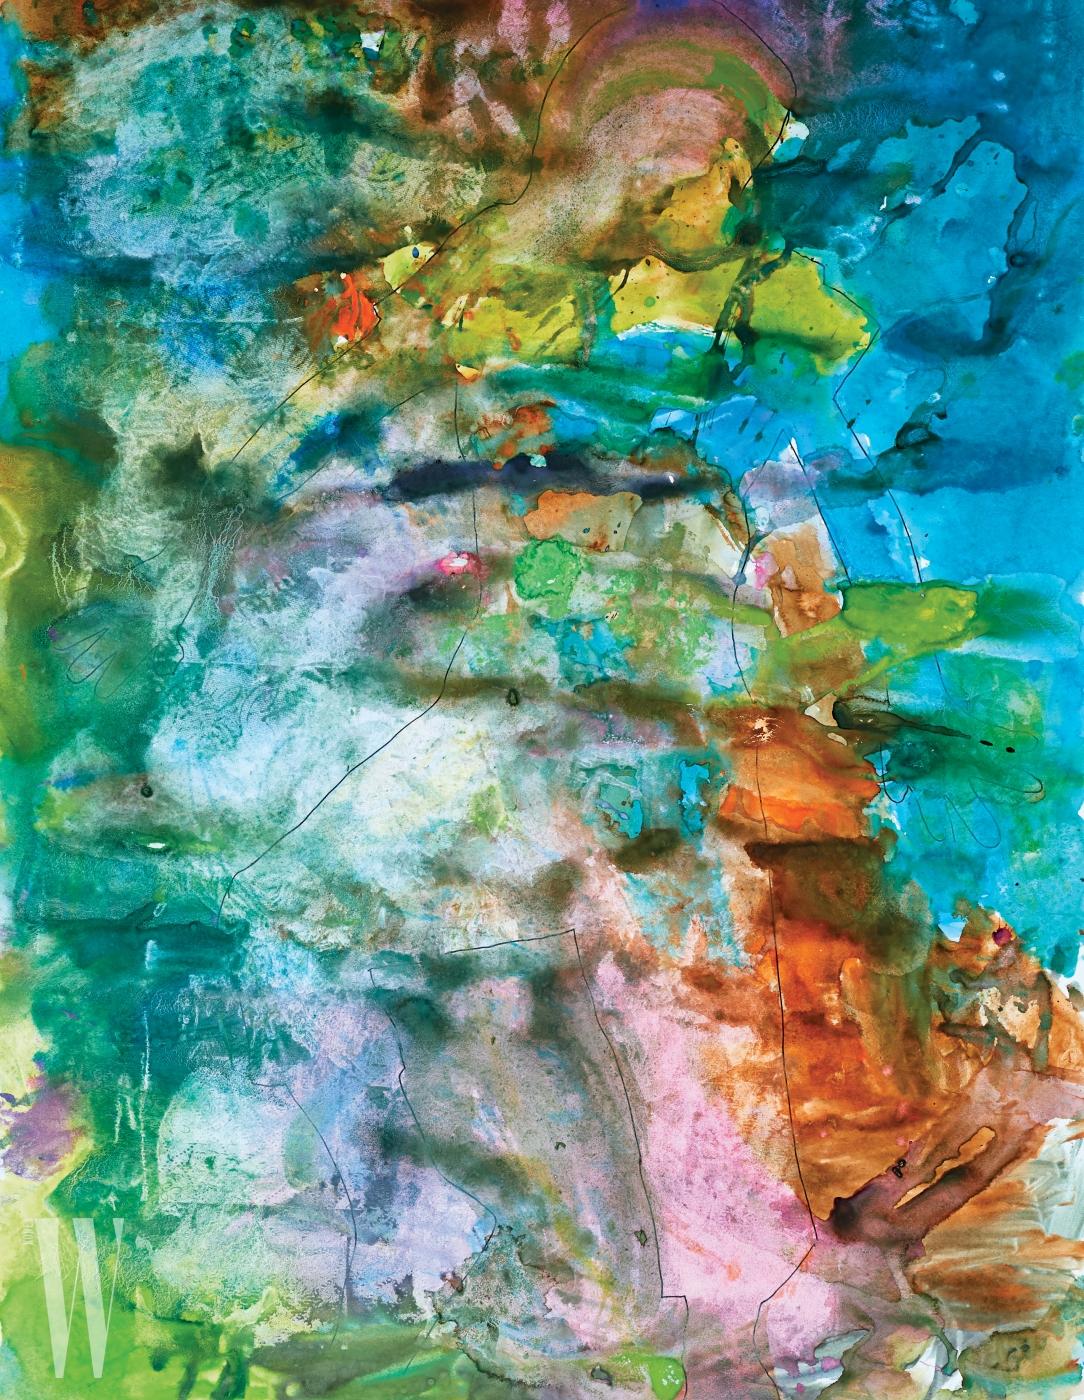 개그맨 이휘재와 플로리스트 문정원의 아들 이서준(5세) 군의 그림. 서준이의 그림 속 색에서 영감 받아 화보의 의상을 선택했다.